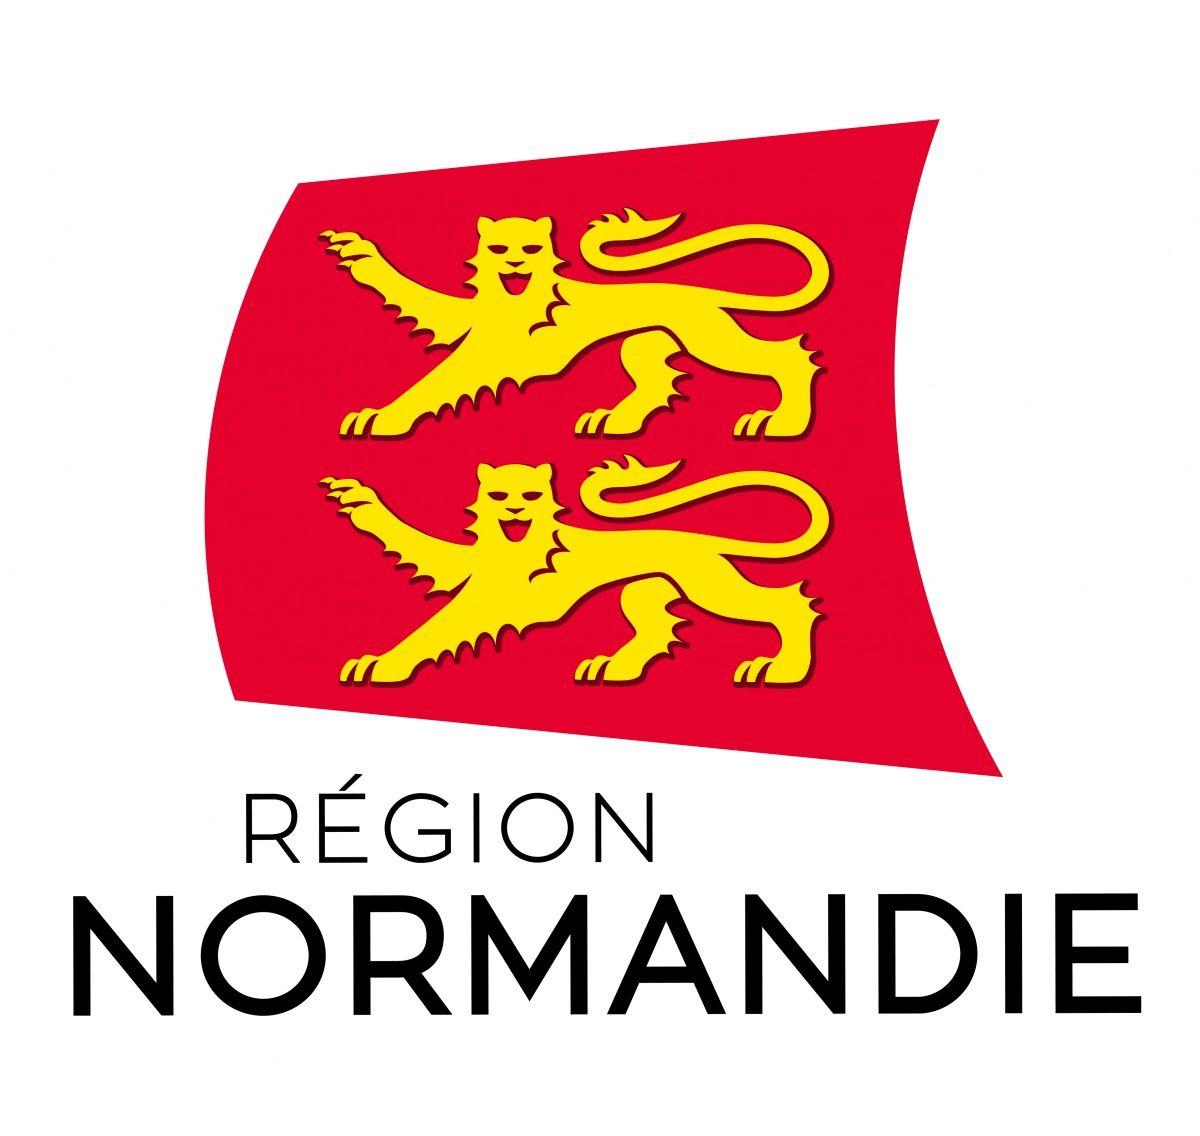 1er octobre - 16h30 - Chaire Normandie pour la Paix : Conférence de presse d'Antonio Oposa - Abbaye aux Dames - Caen